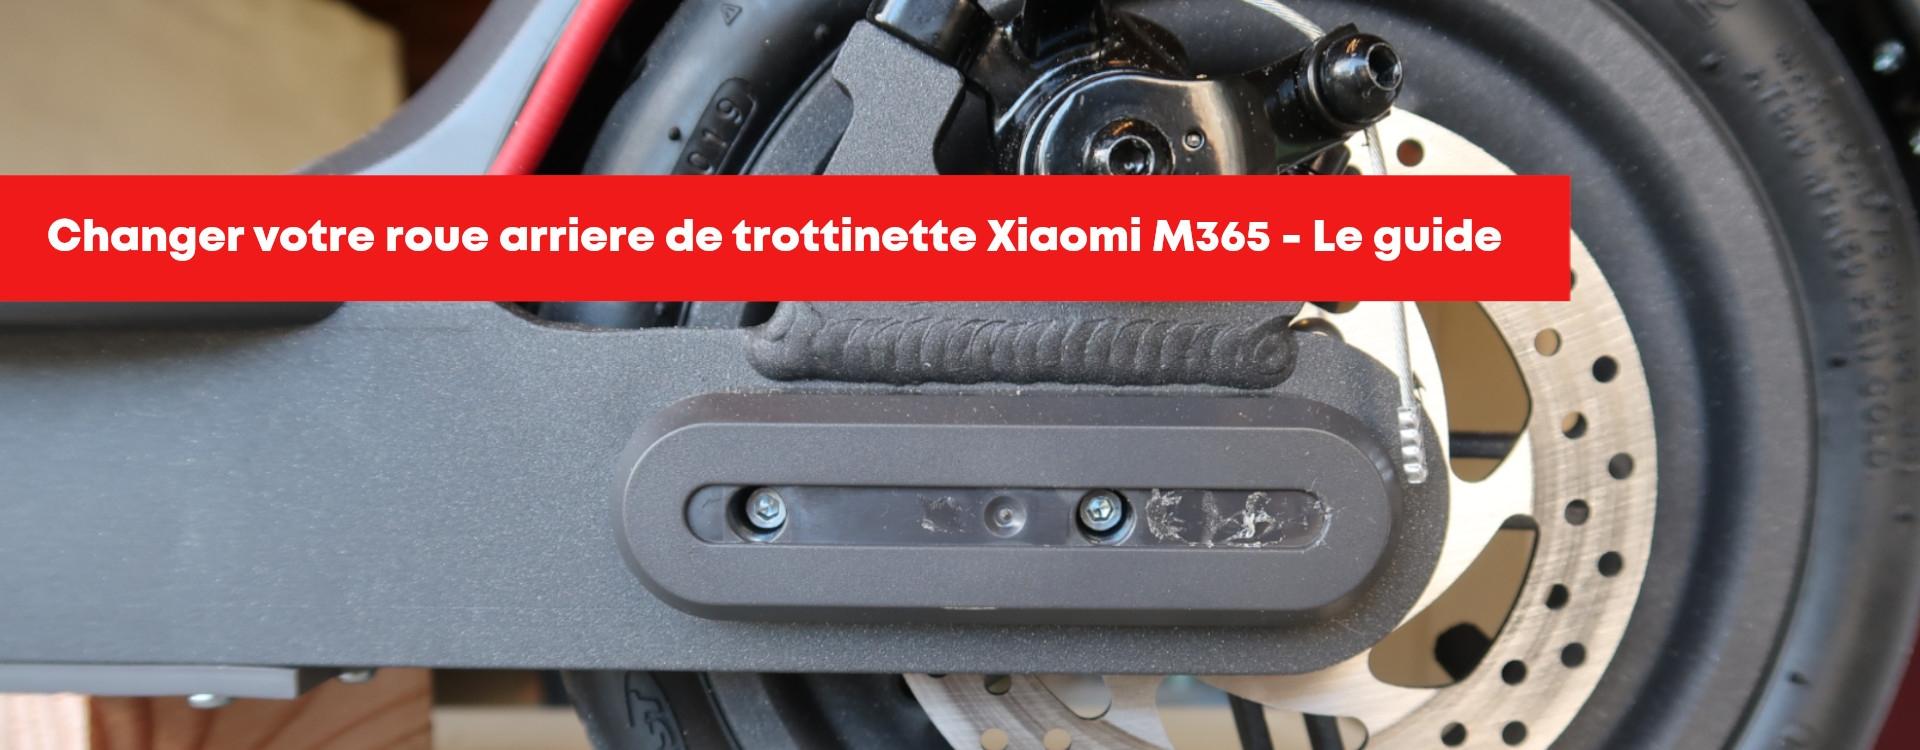 Comment changer votre roue arrière sur votre trottinette Xiaomi M365 ?